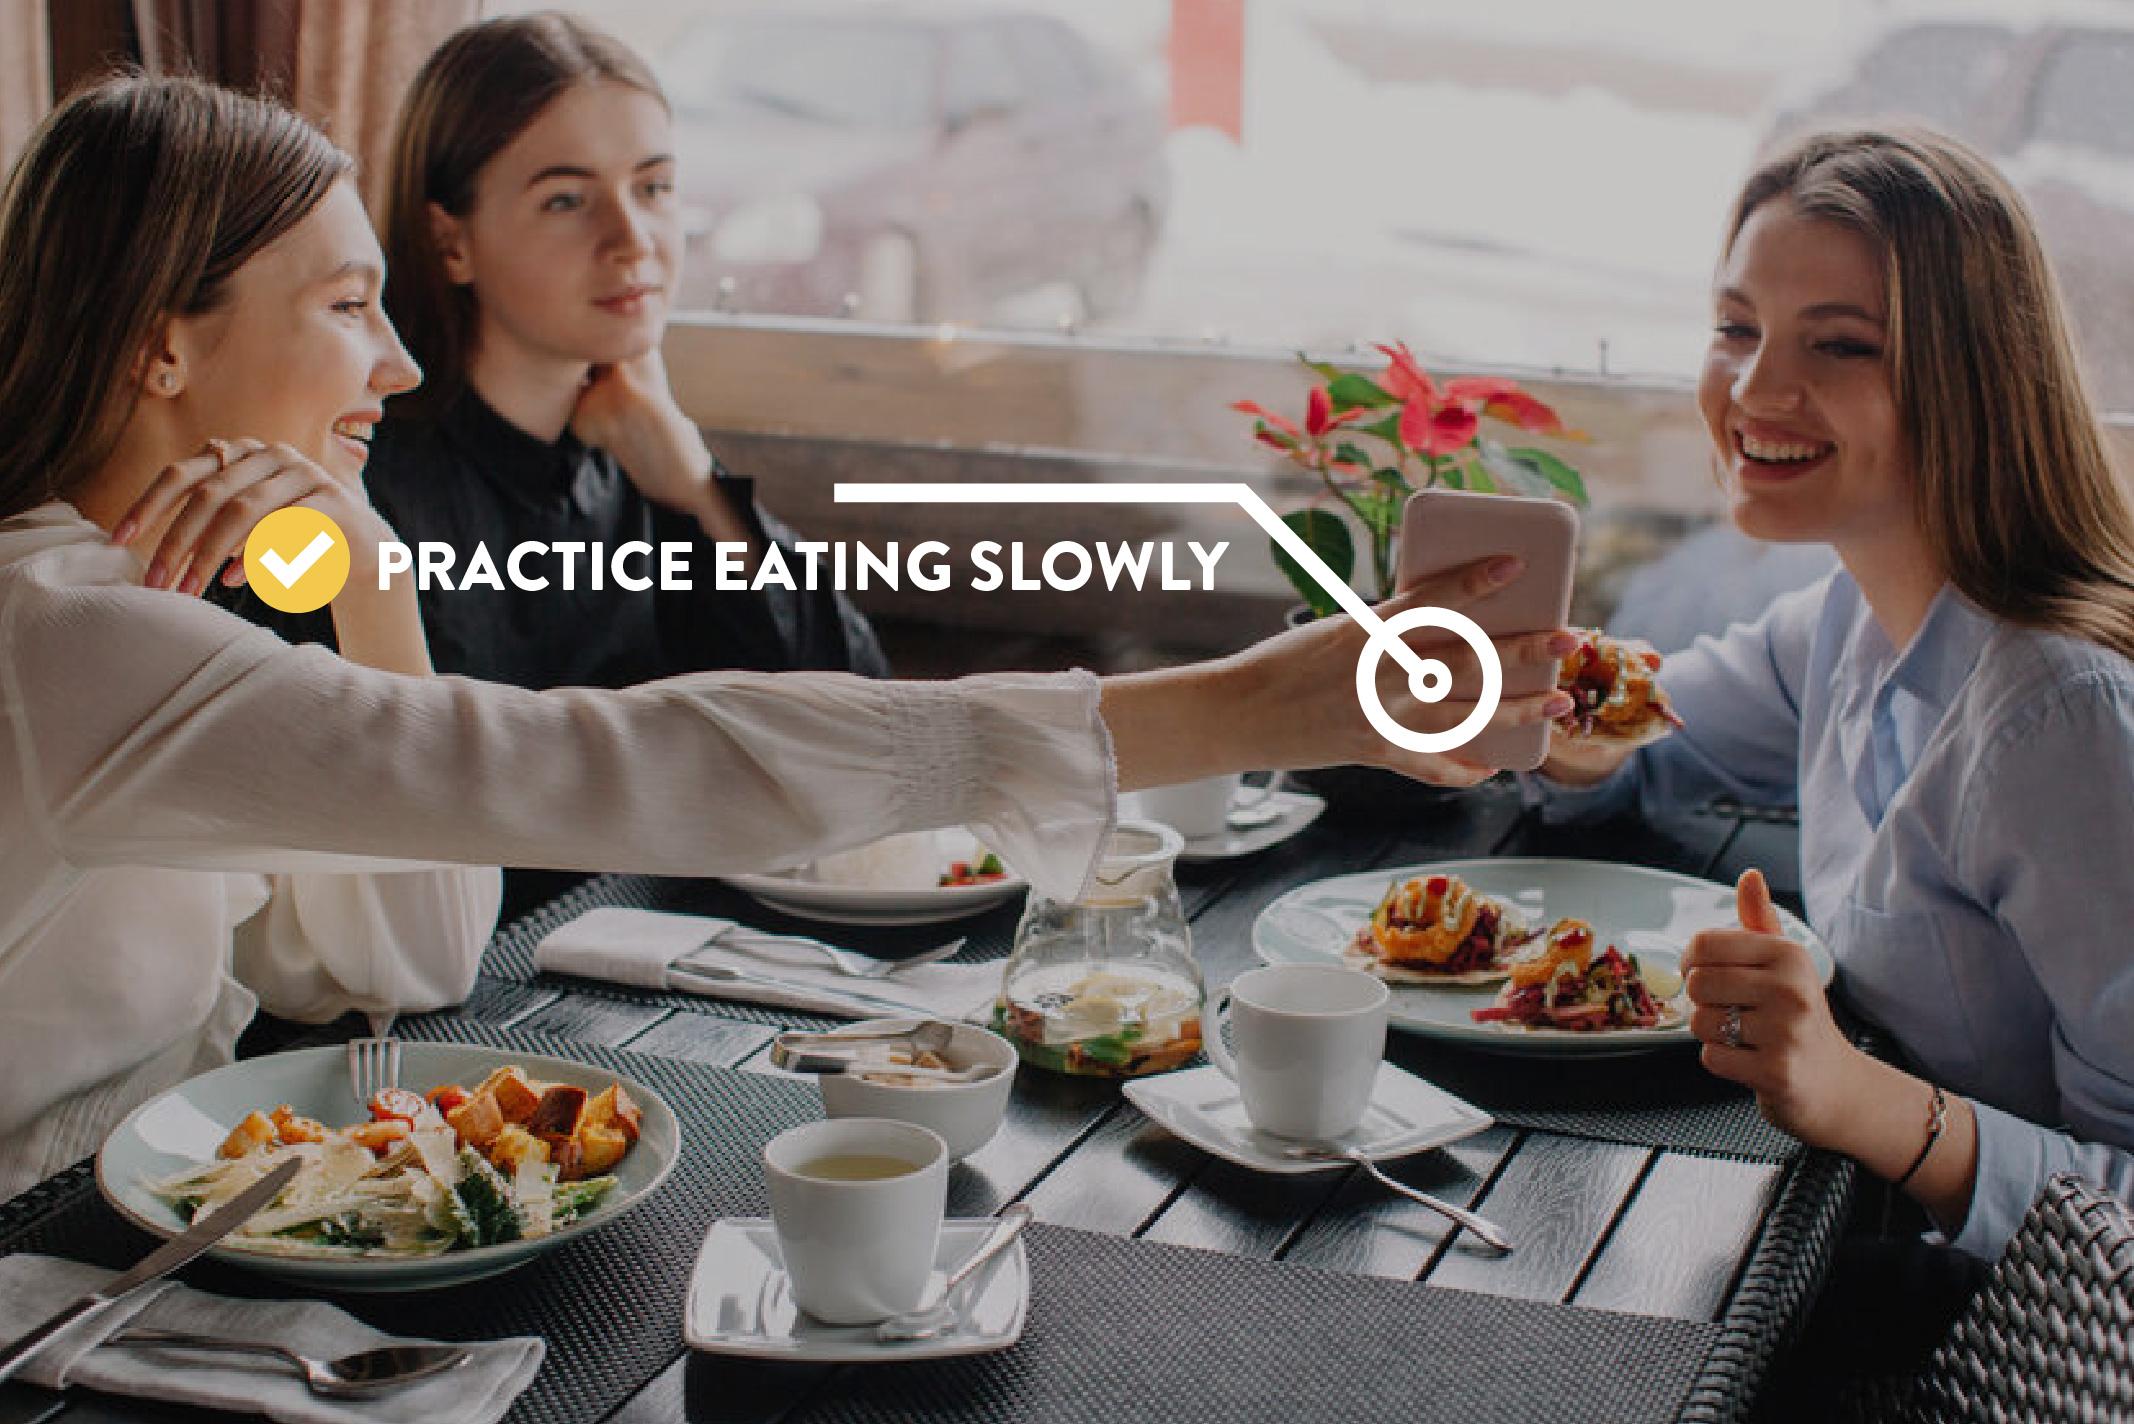 habit-coaching-trainerize-practice-eating-slowly